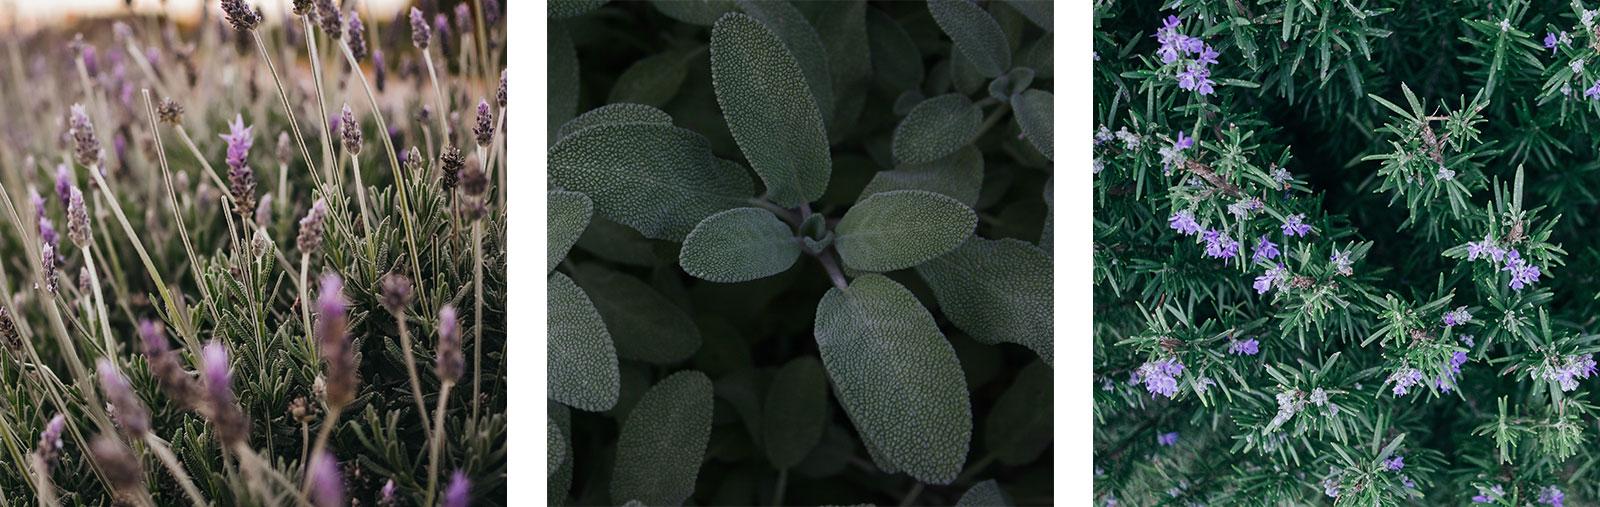 Kommen gut mit Trockenheit zurecht: Lavendel, Salbei, Rosmarin